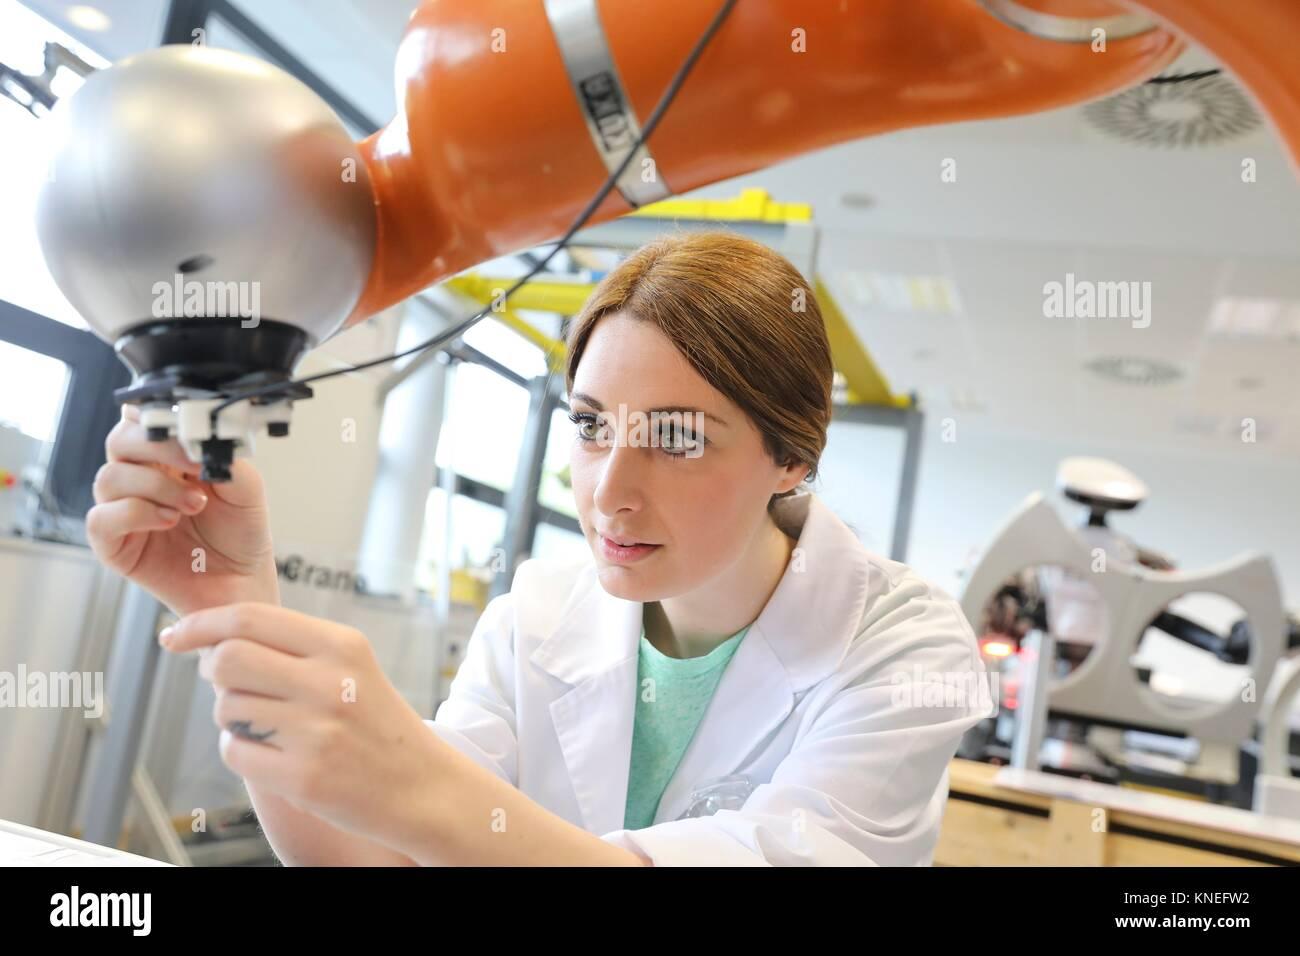 Robot de collaboration industrielle pour l'Assemblée générale, le LWR robot, à l'aide Photo Stock